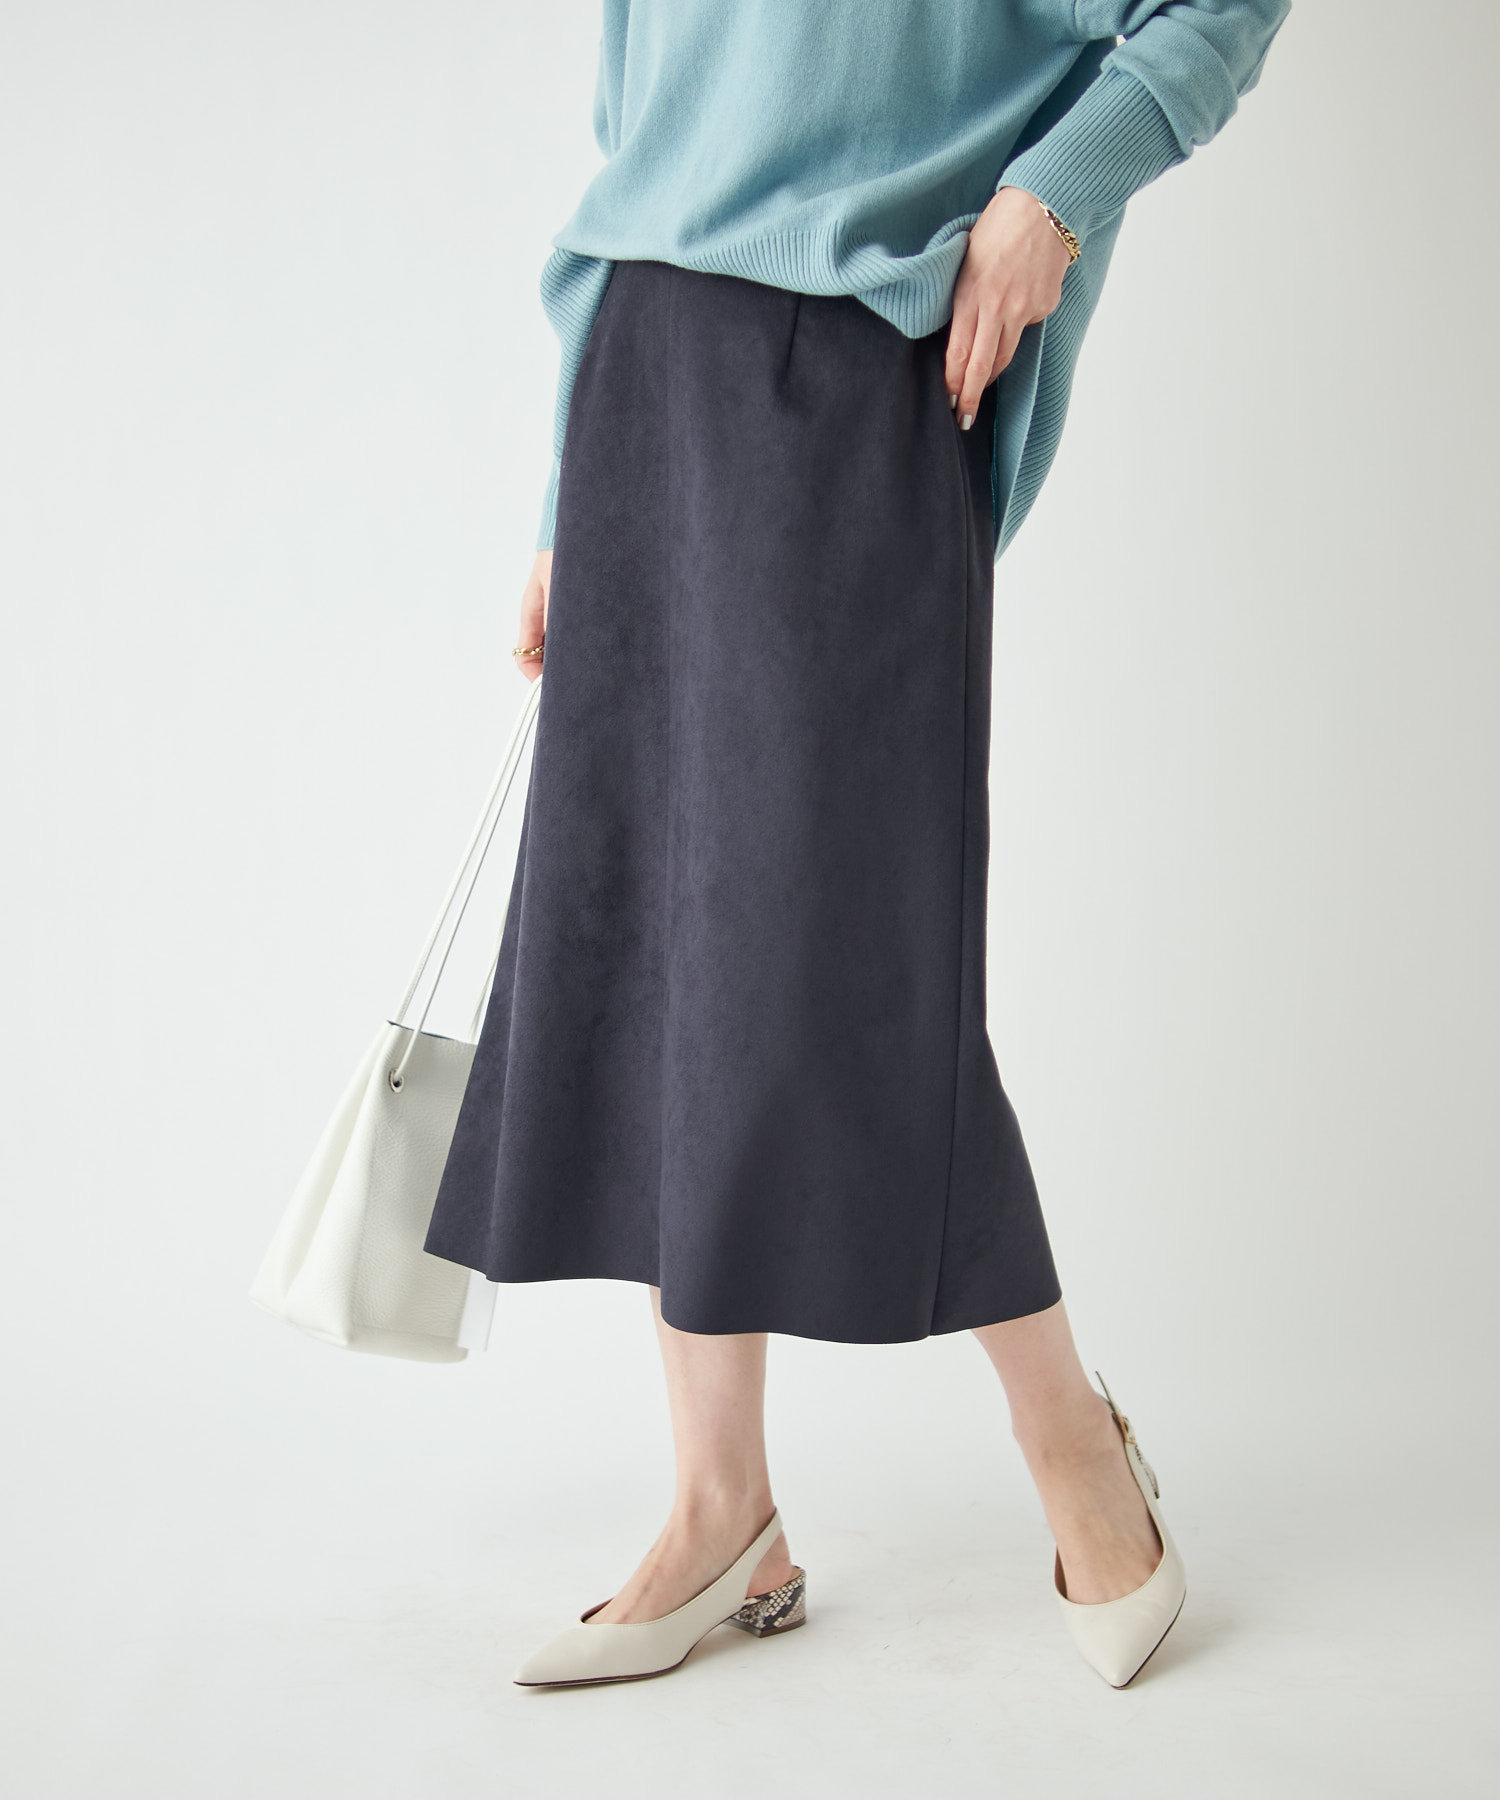 OUTLET premium(アウトレット プレミアム) 【《幅広いスタイリングが可能》手洗い可】エコスウェードセミストレートスカート